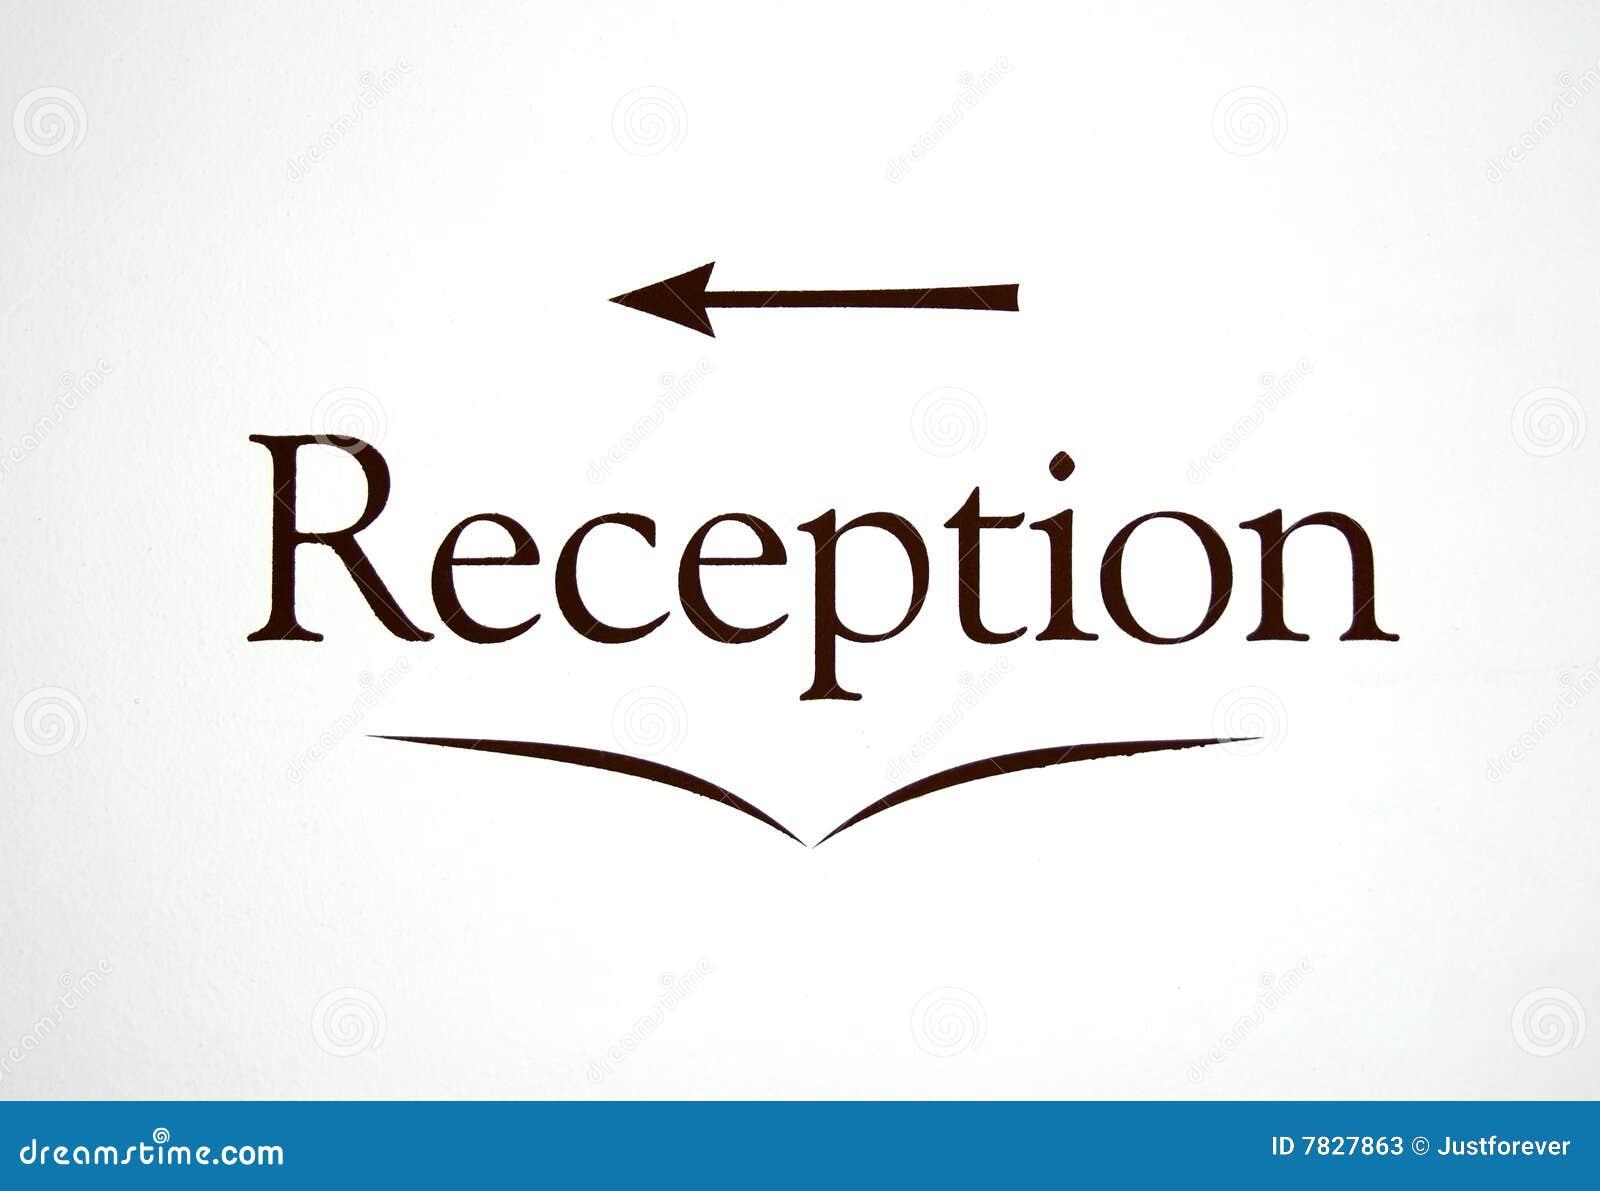 Reception Sign Stock Photos